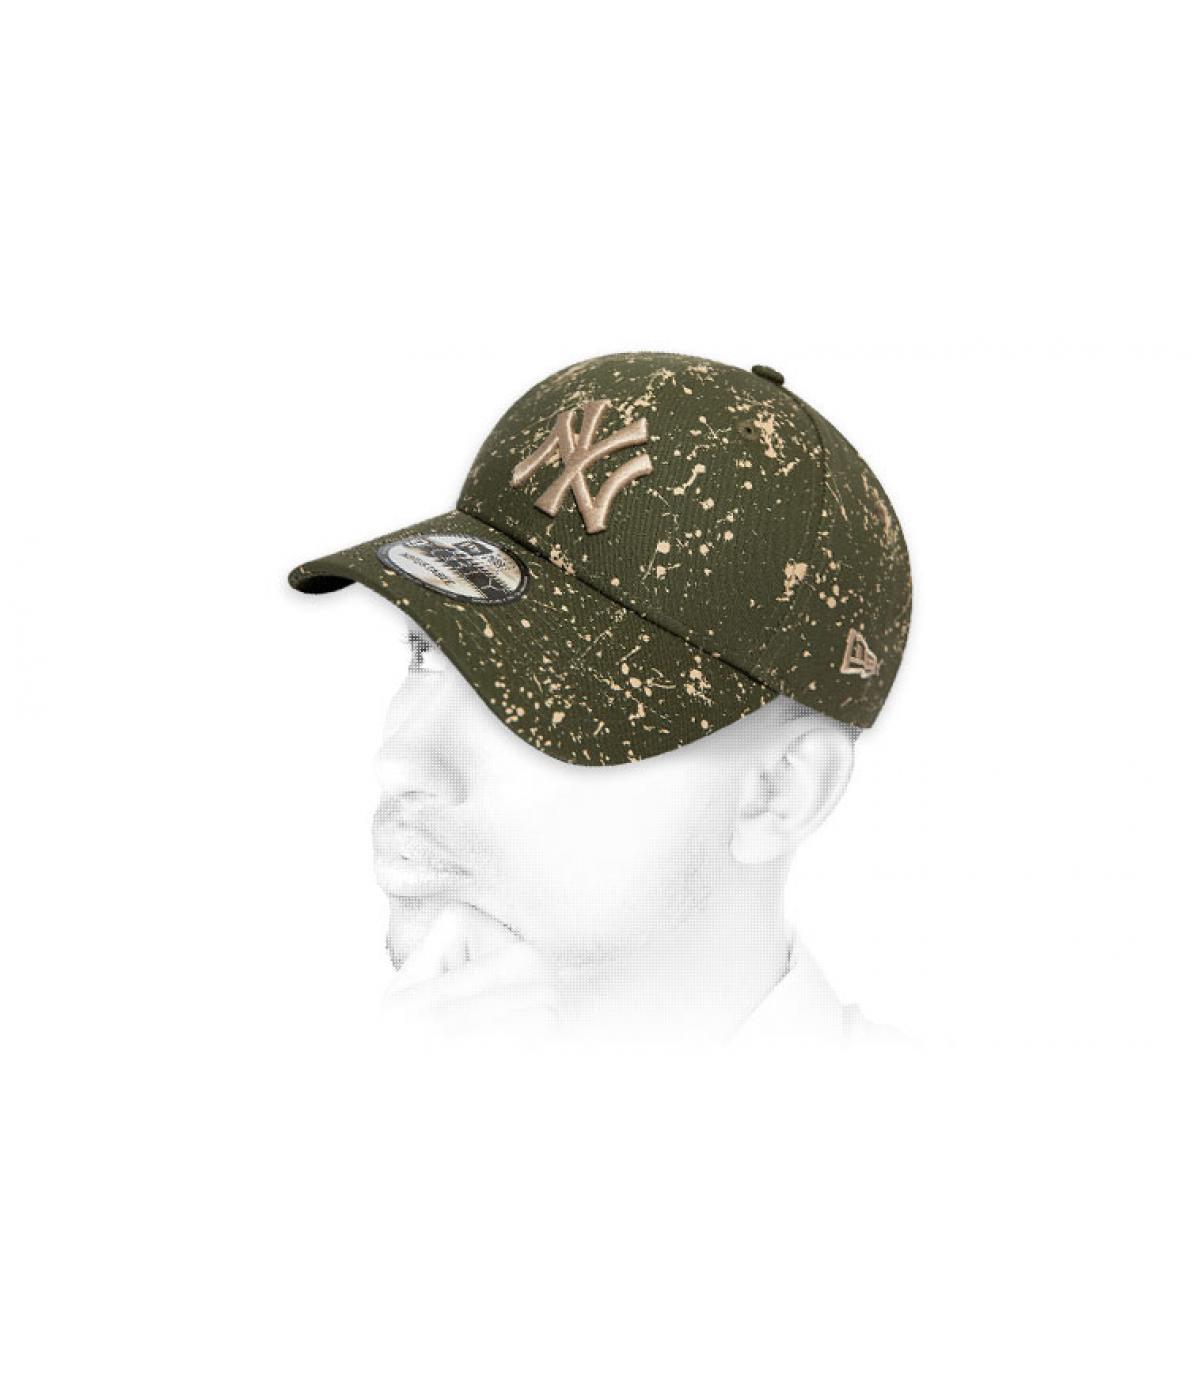 green printed NY cap